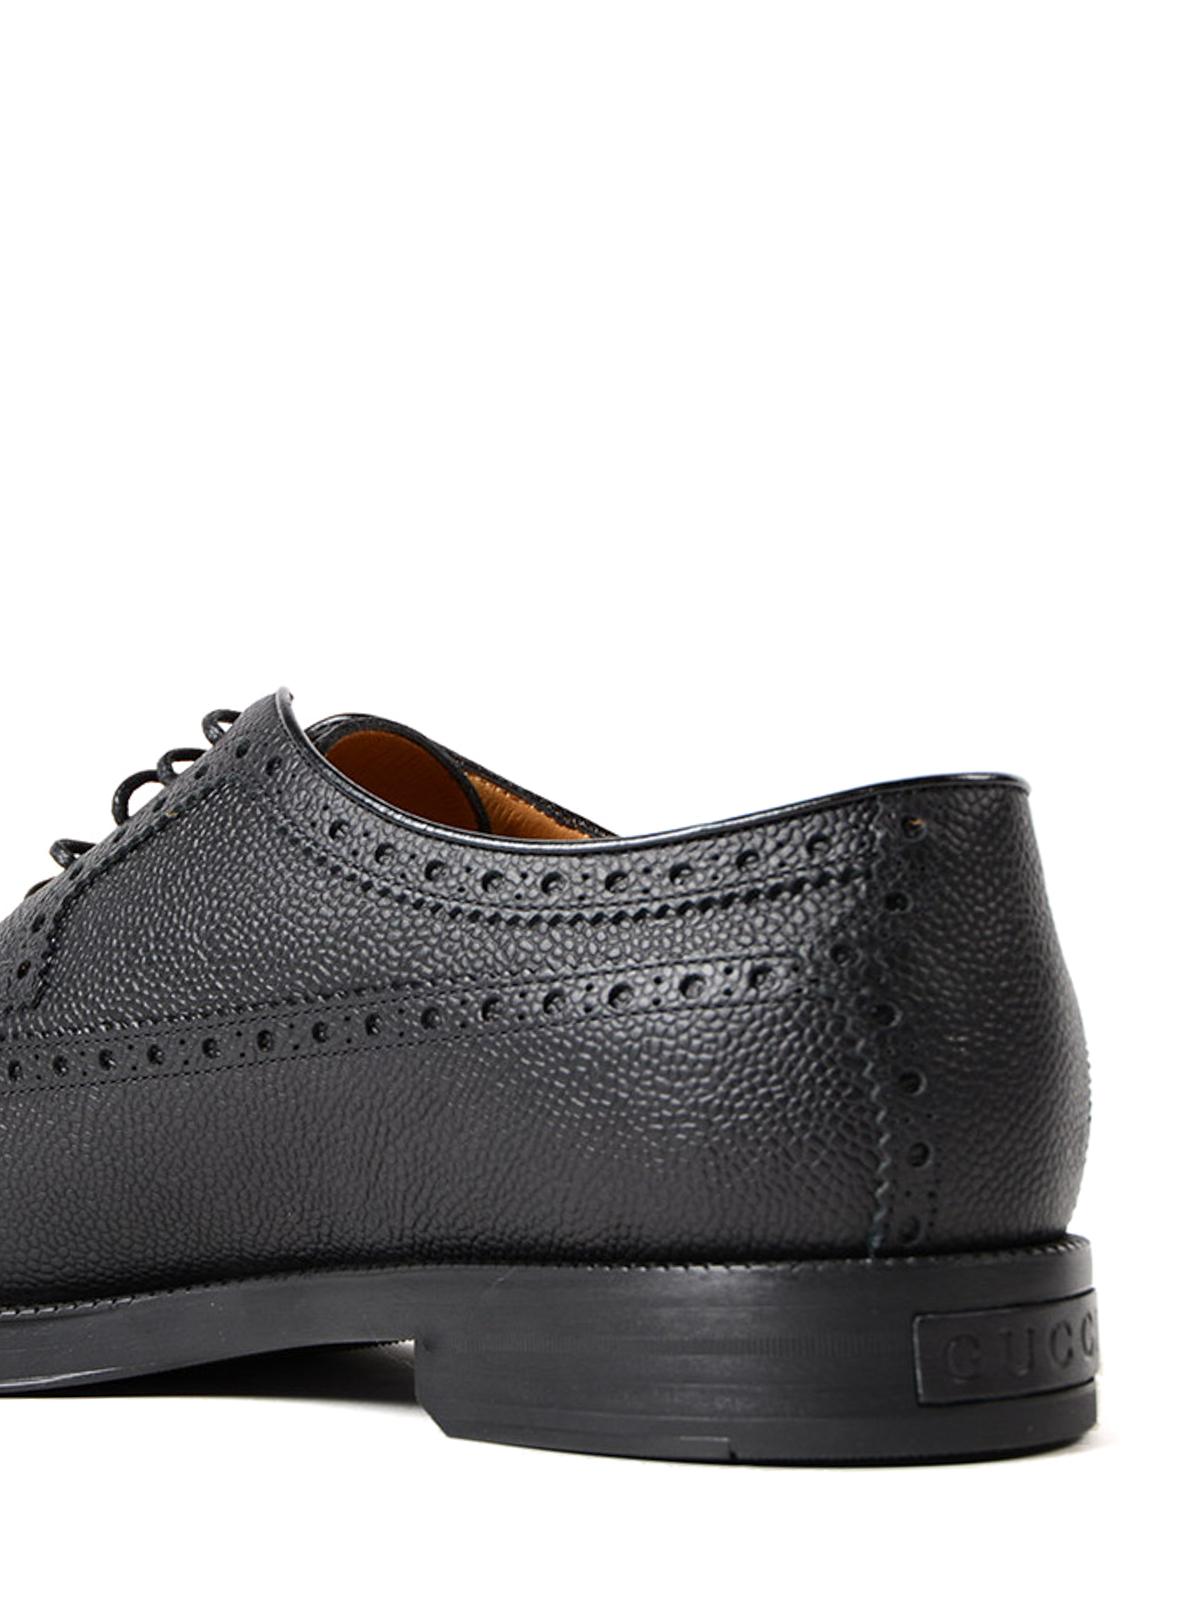 iKRIX GUCCI  Zapatos con cordones - Zapatos Con Cordones - Negro 6ec48df713c